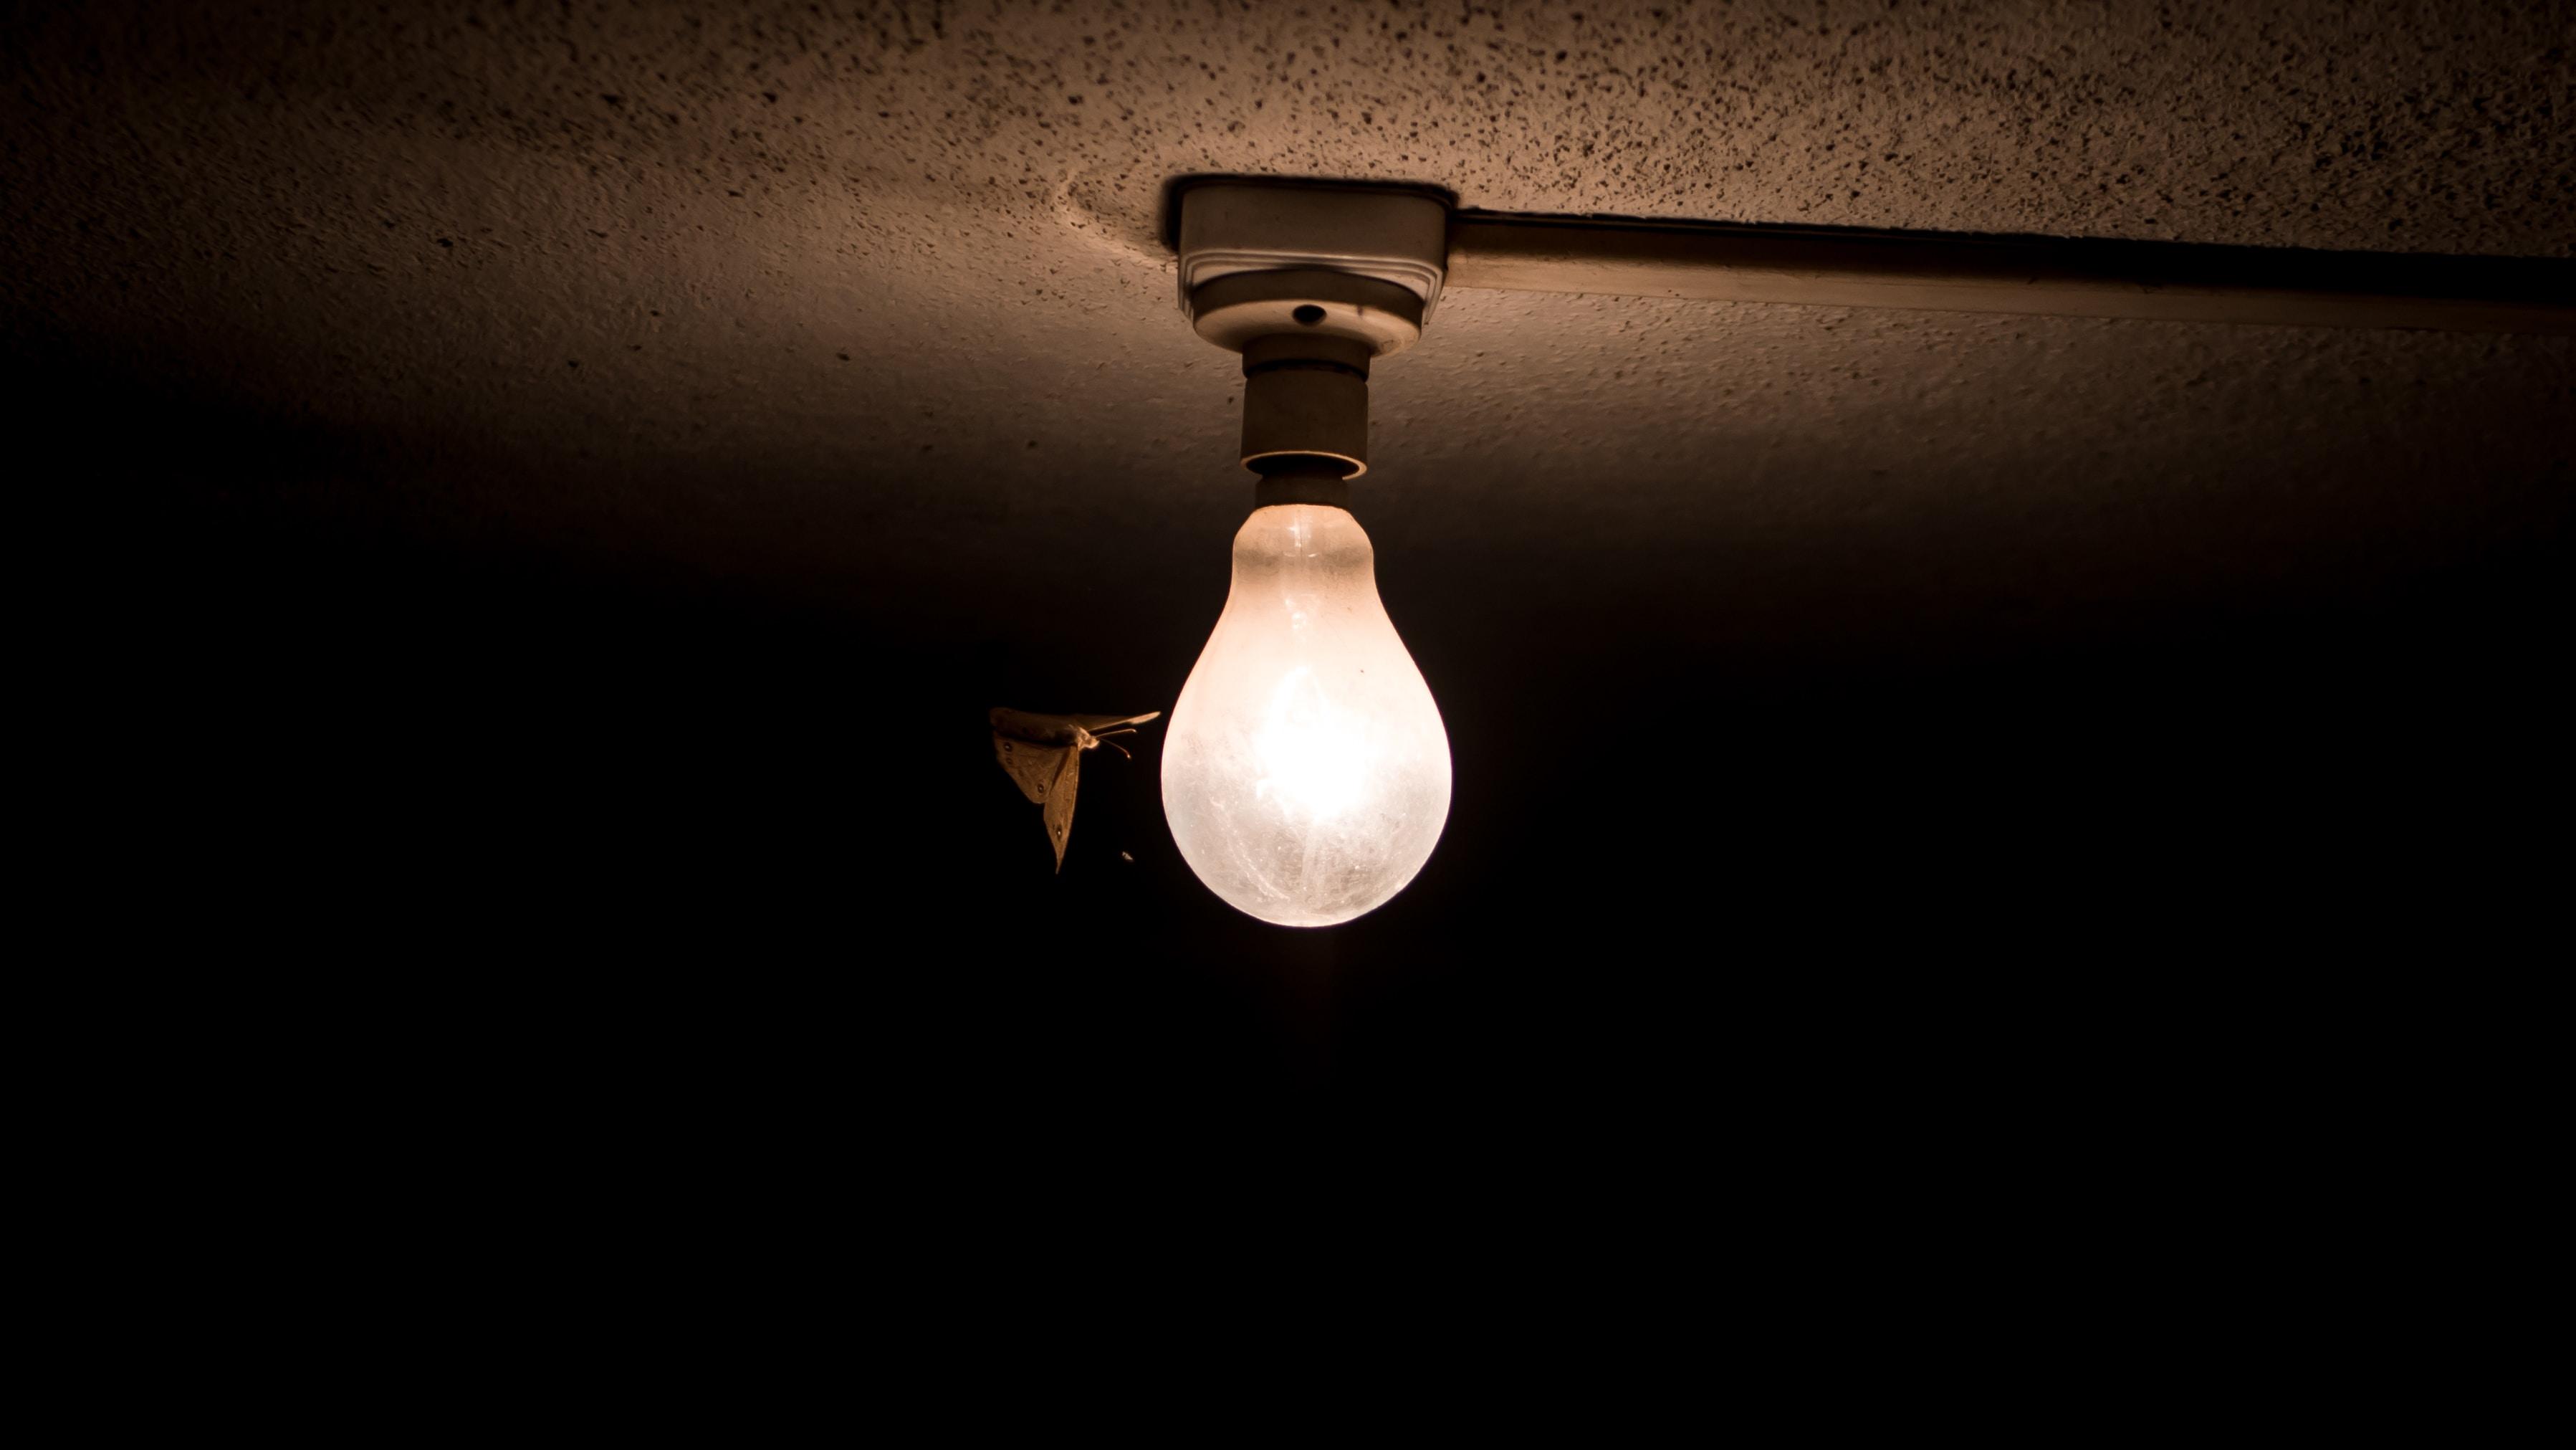 white light bulb covered by dark